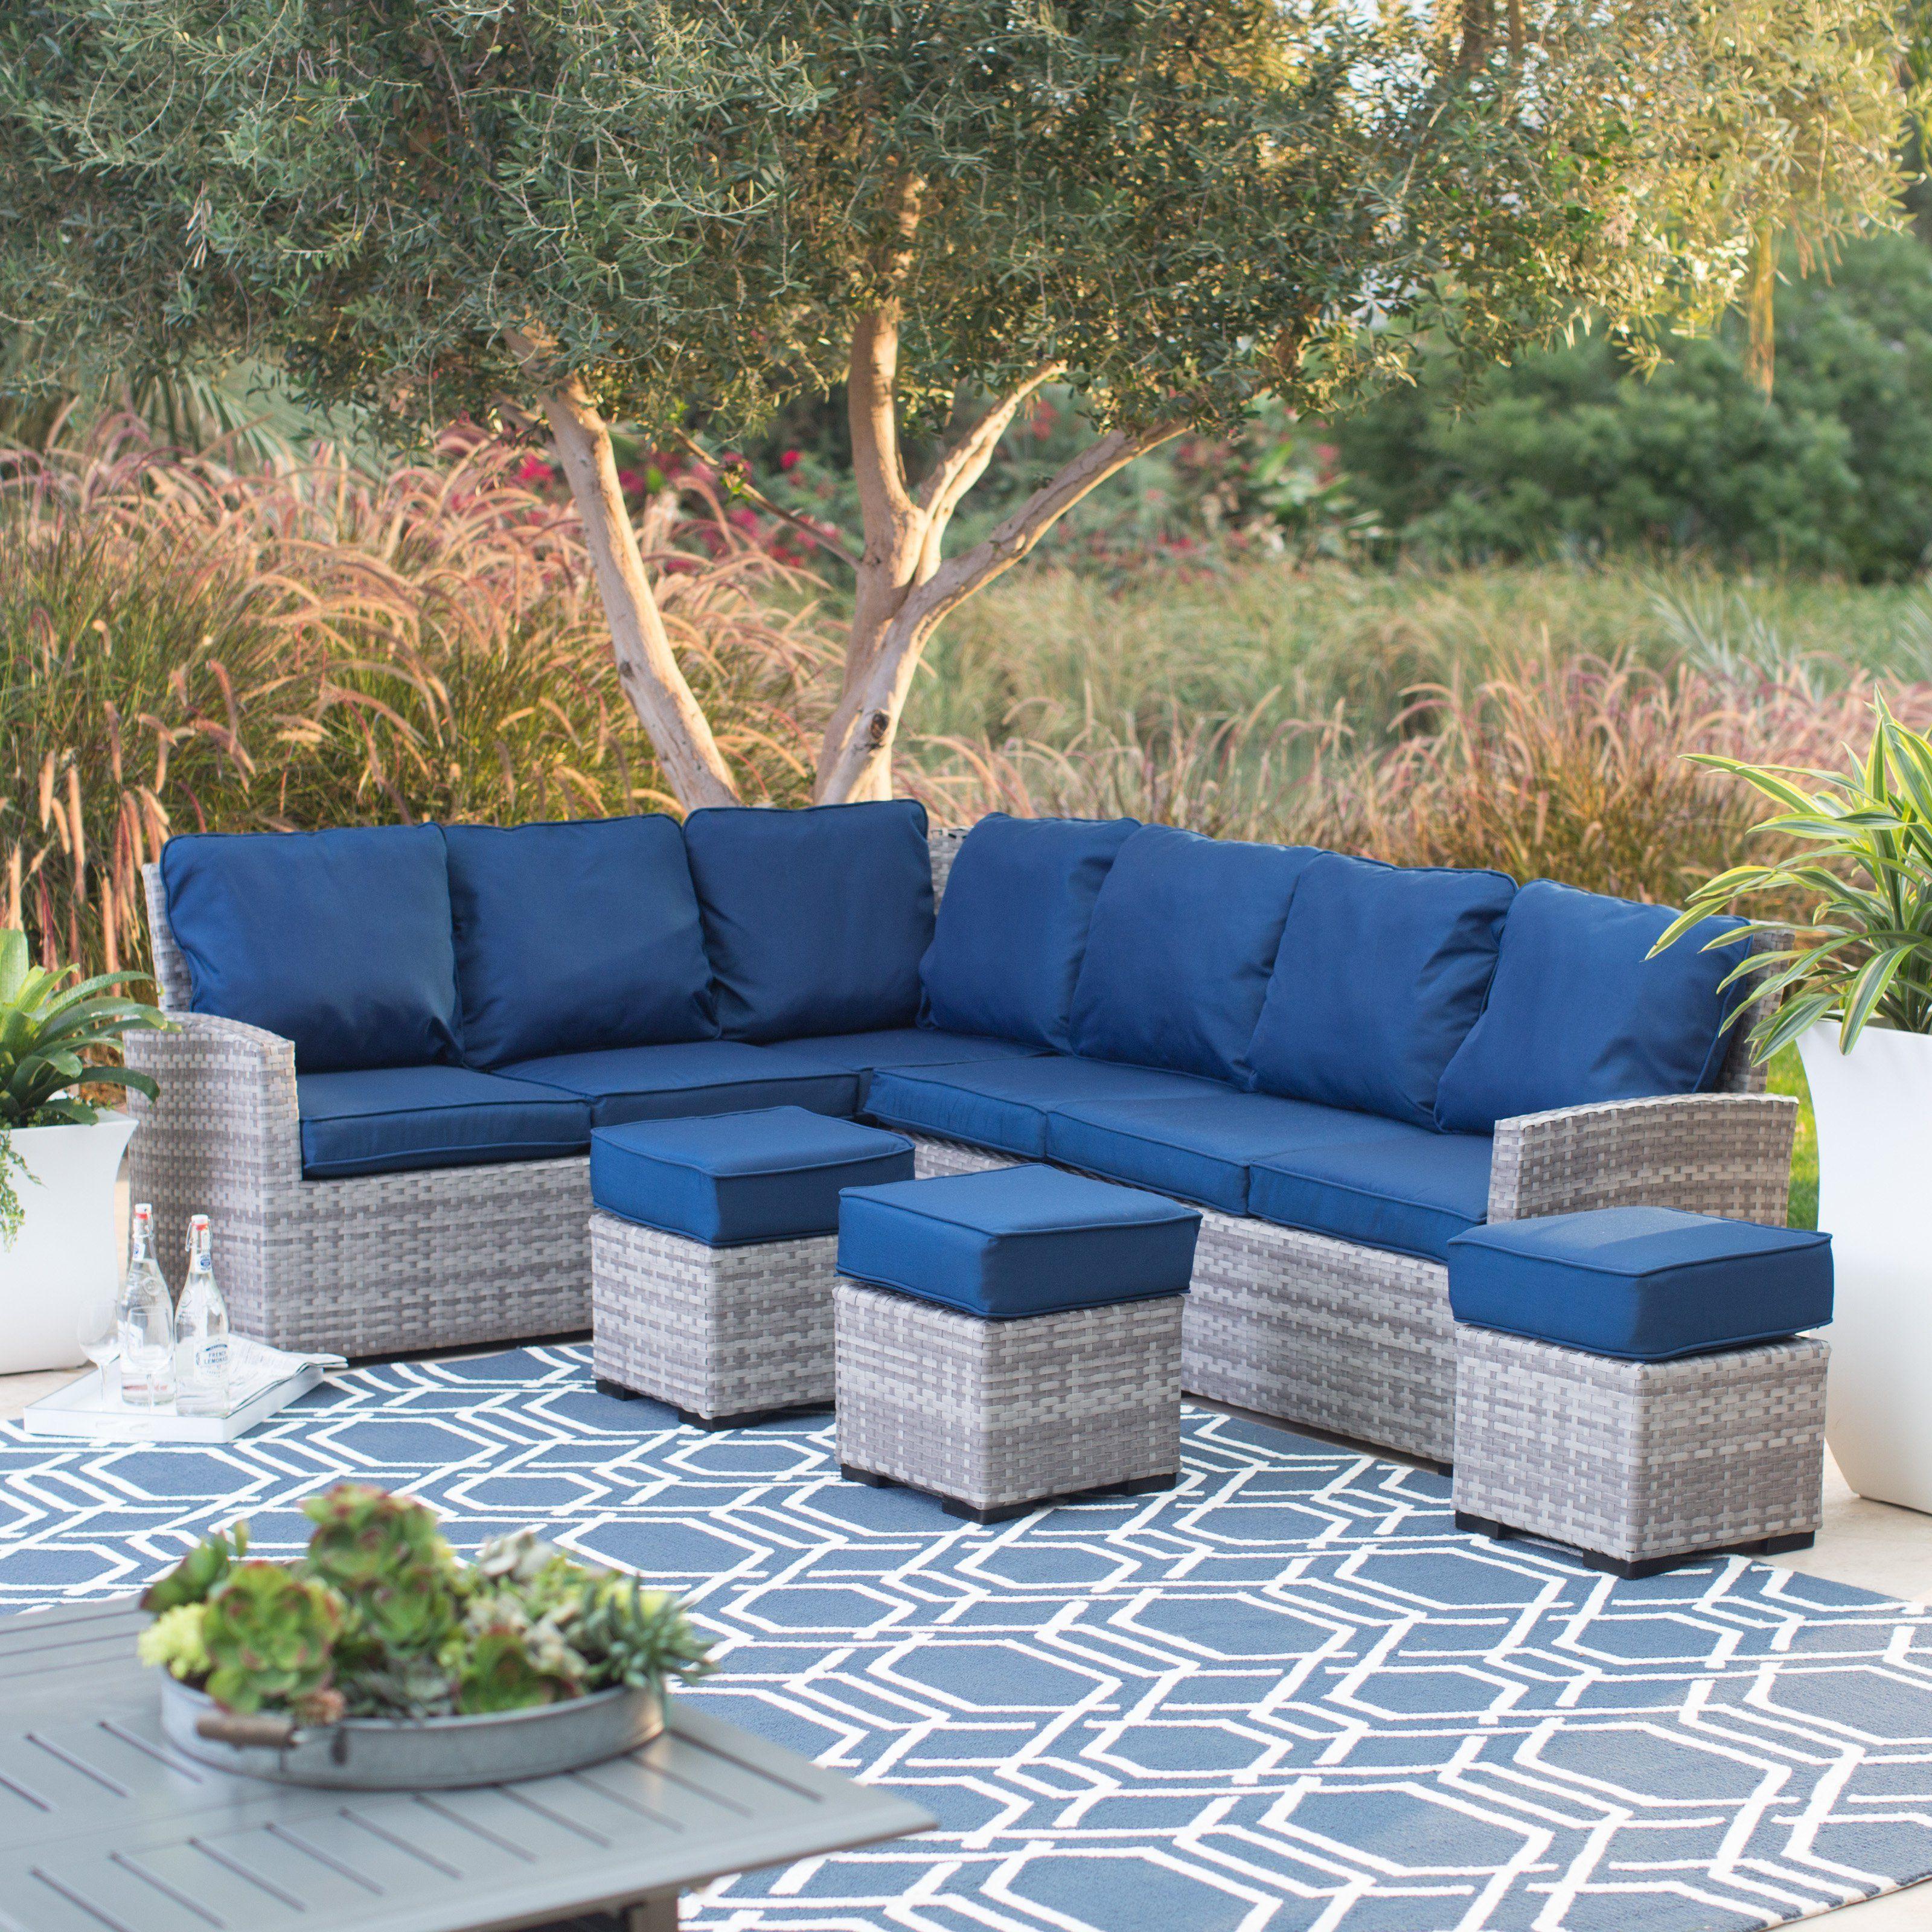 Belham Living Brookville All Weather Outdoor Wicker Sofa ...